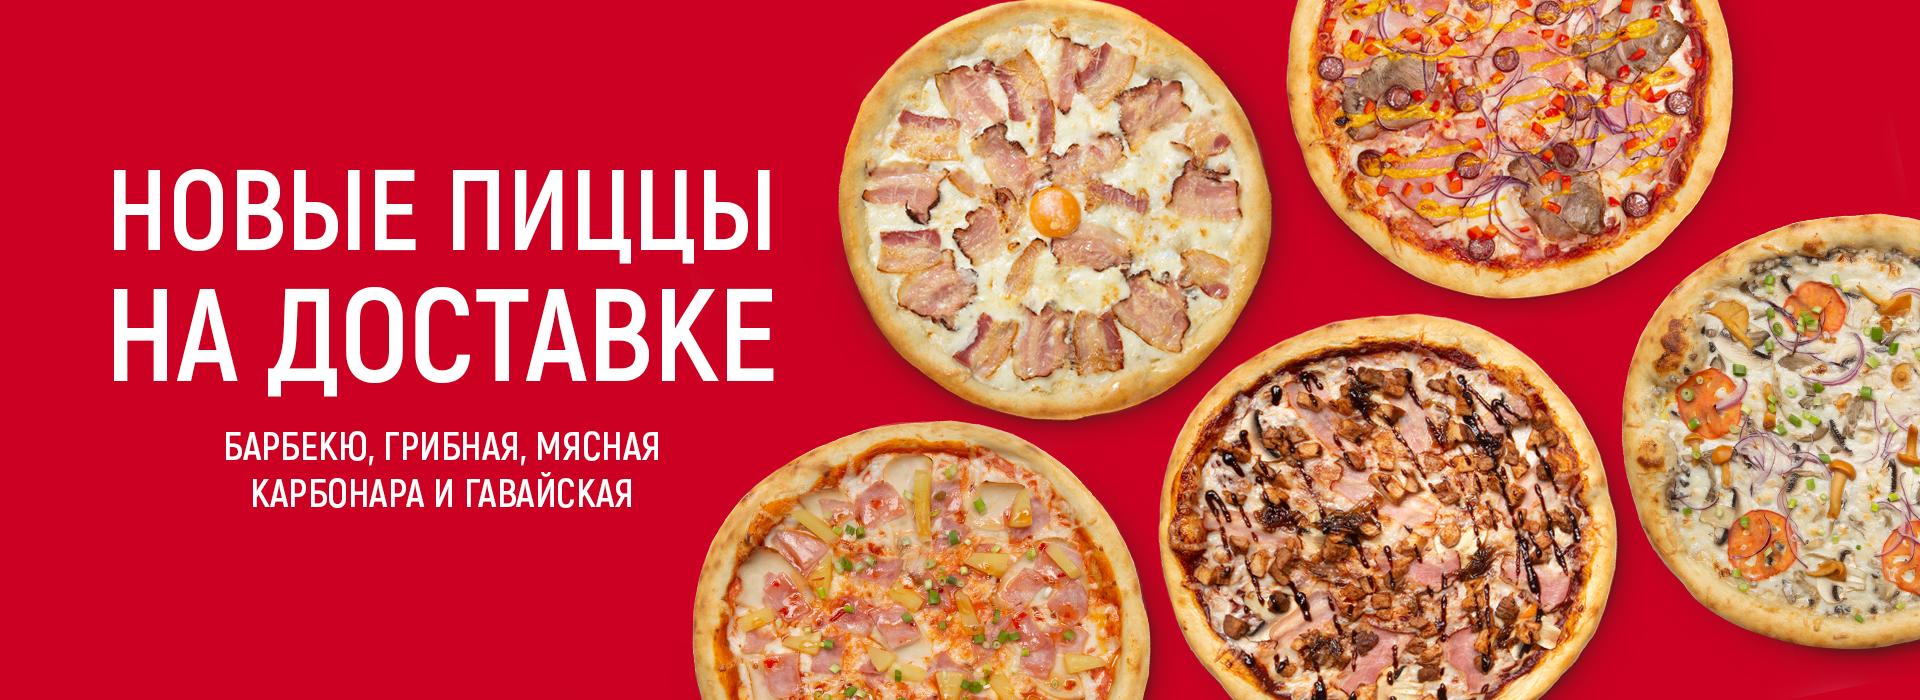 Pizza_new_2021_Slider